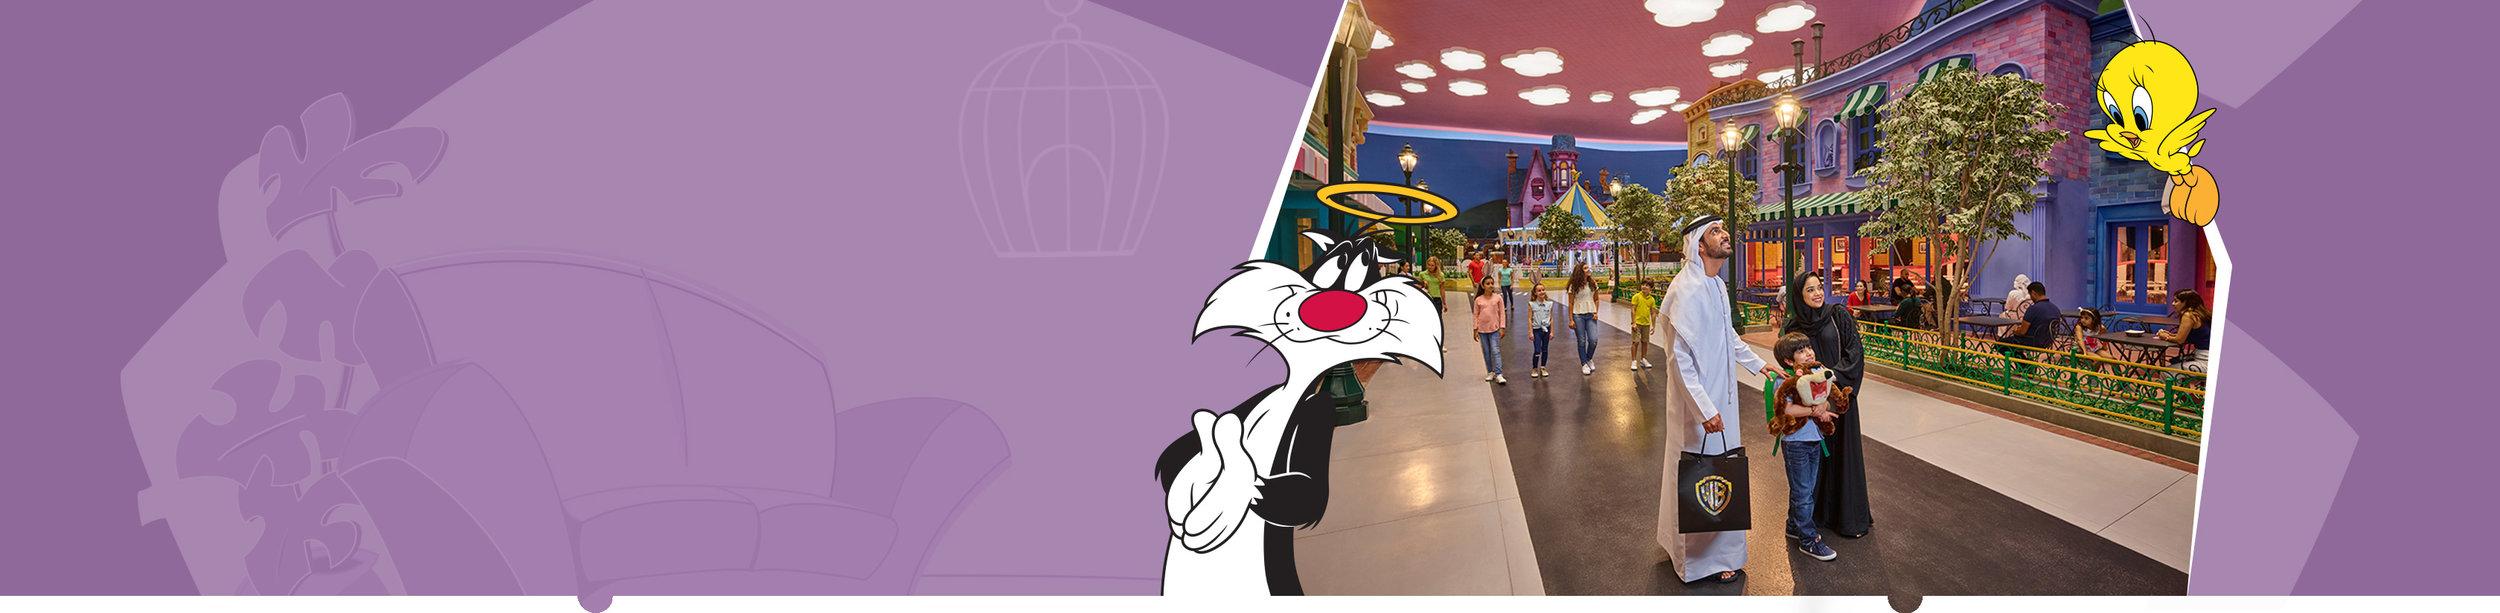 Welcome-to-CartoonJunction.jpg